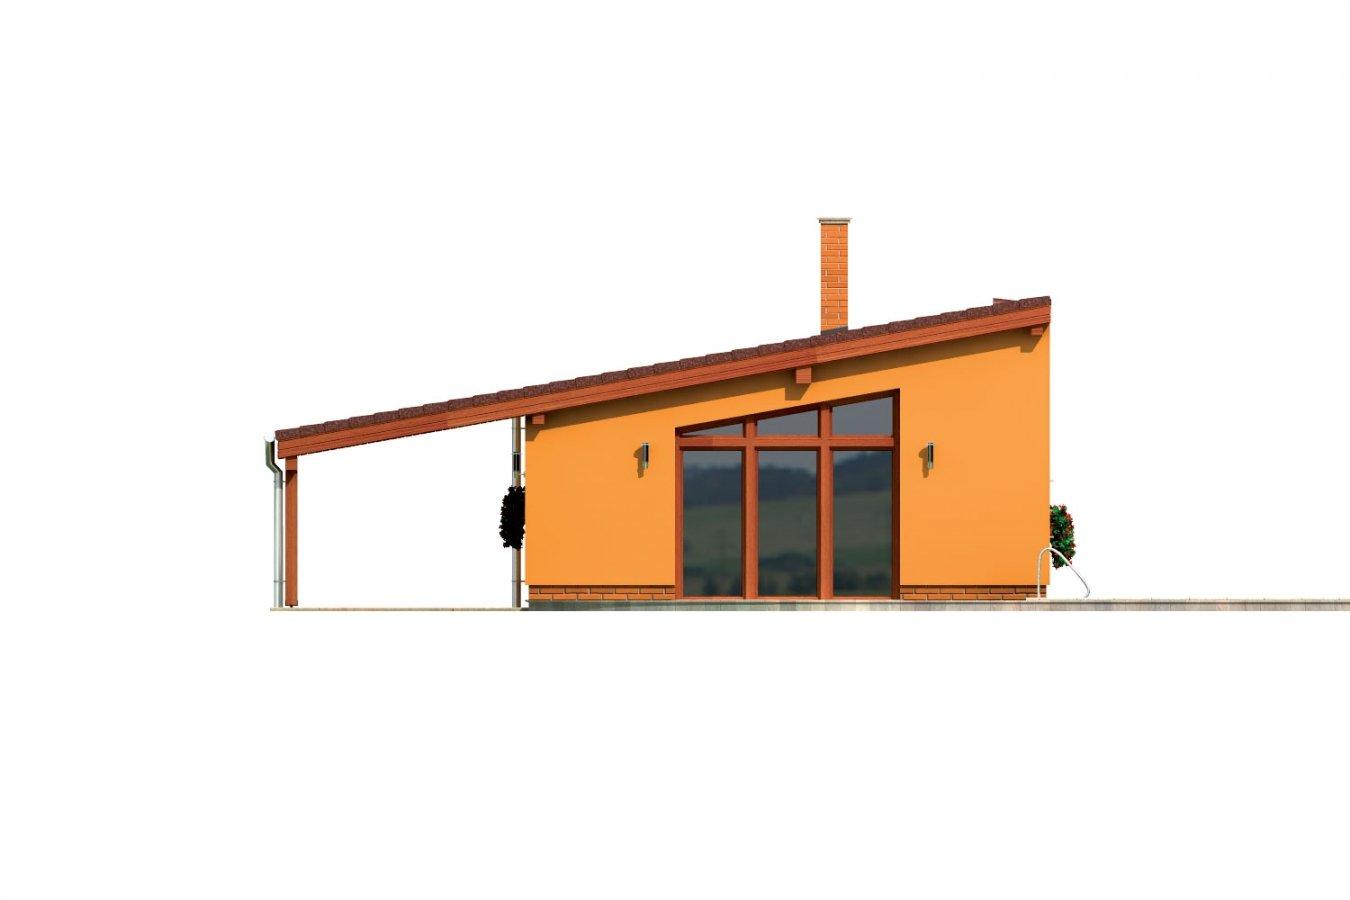 Pohľad 3. - Úzky moderný rodinný domček pre mladých.